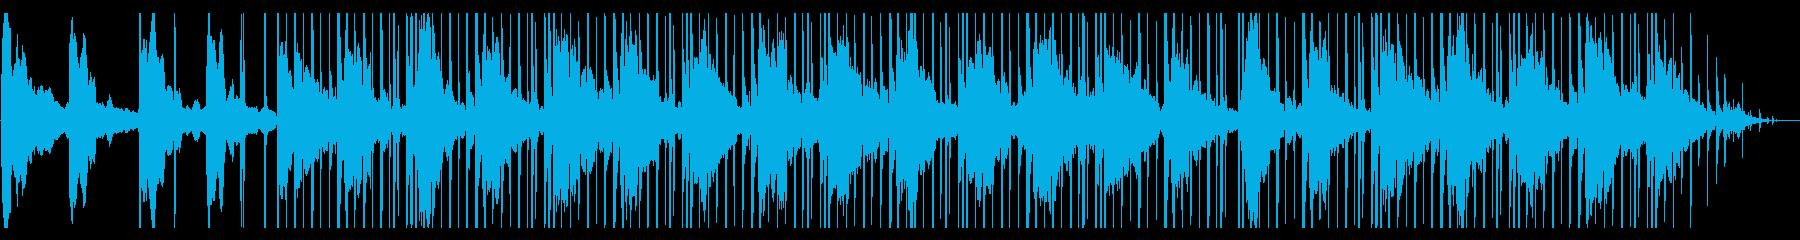 気だるい雰囲気のエレクトロニカの再生済みの波形